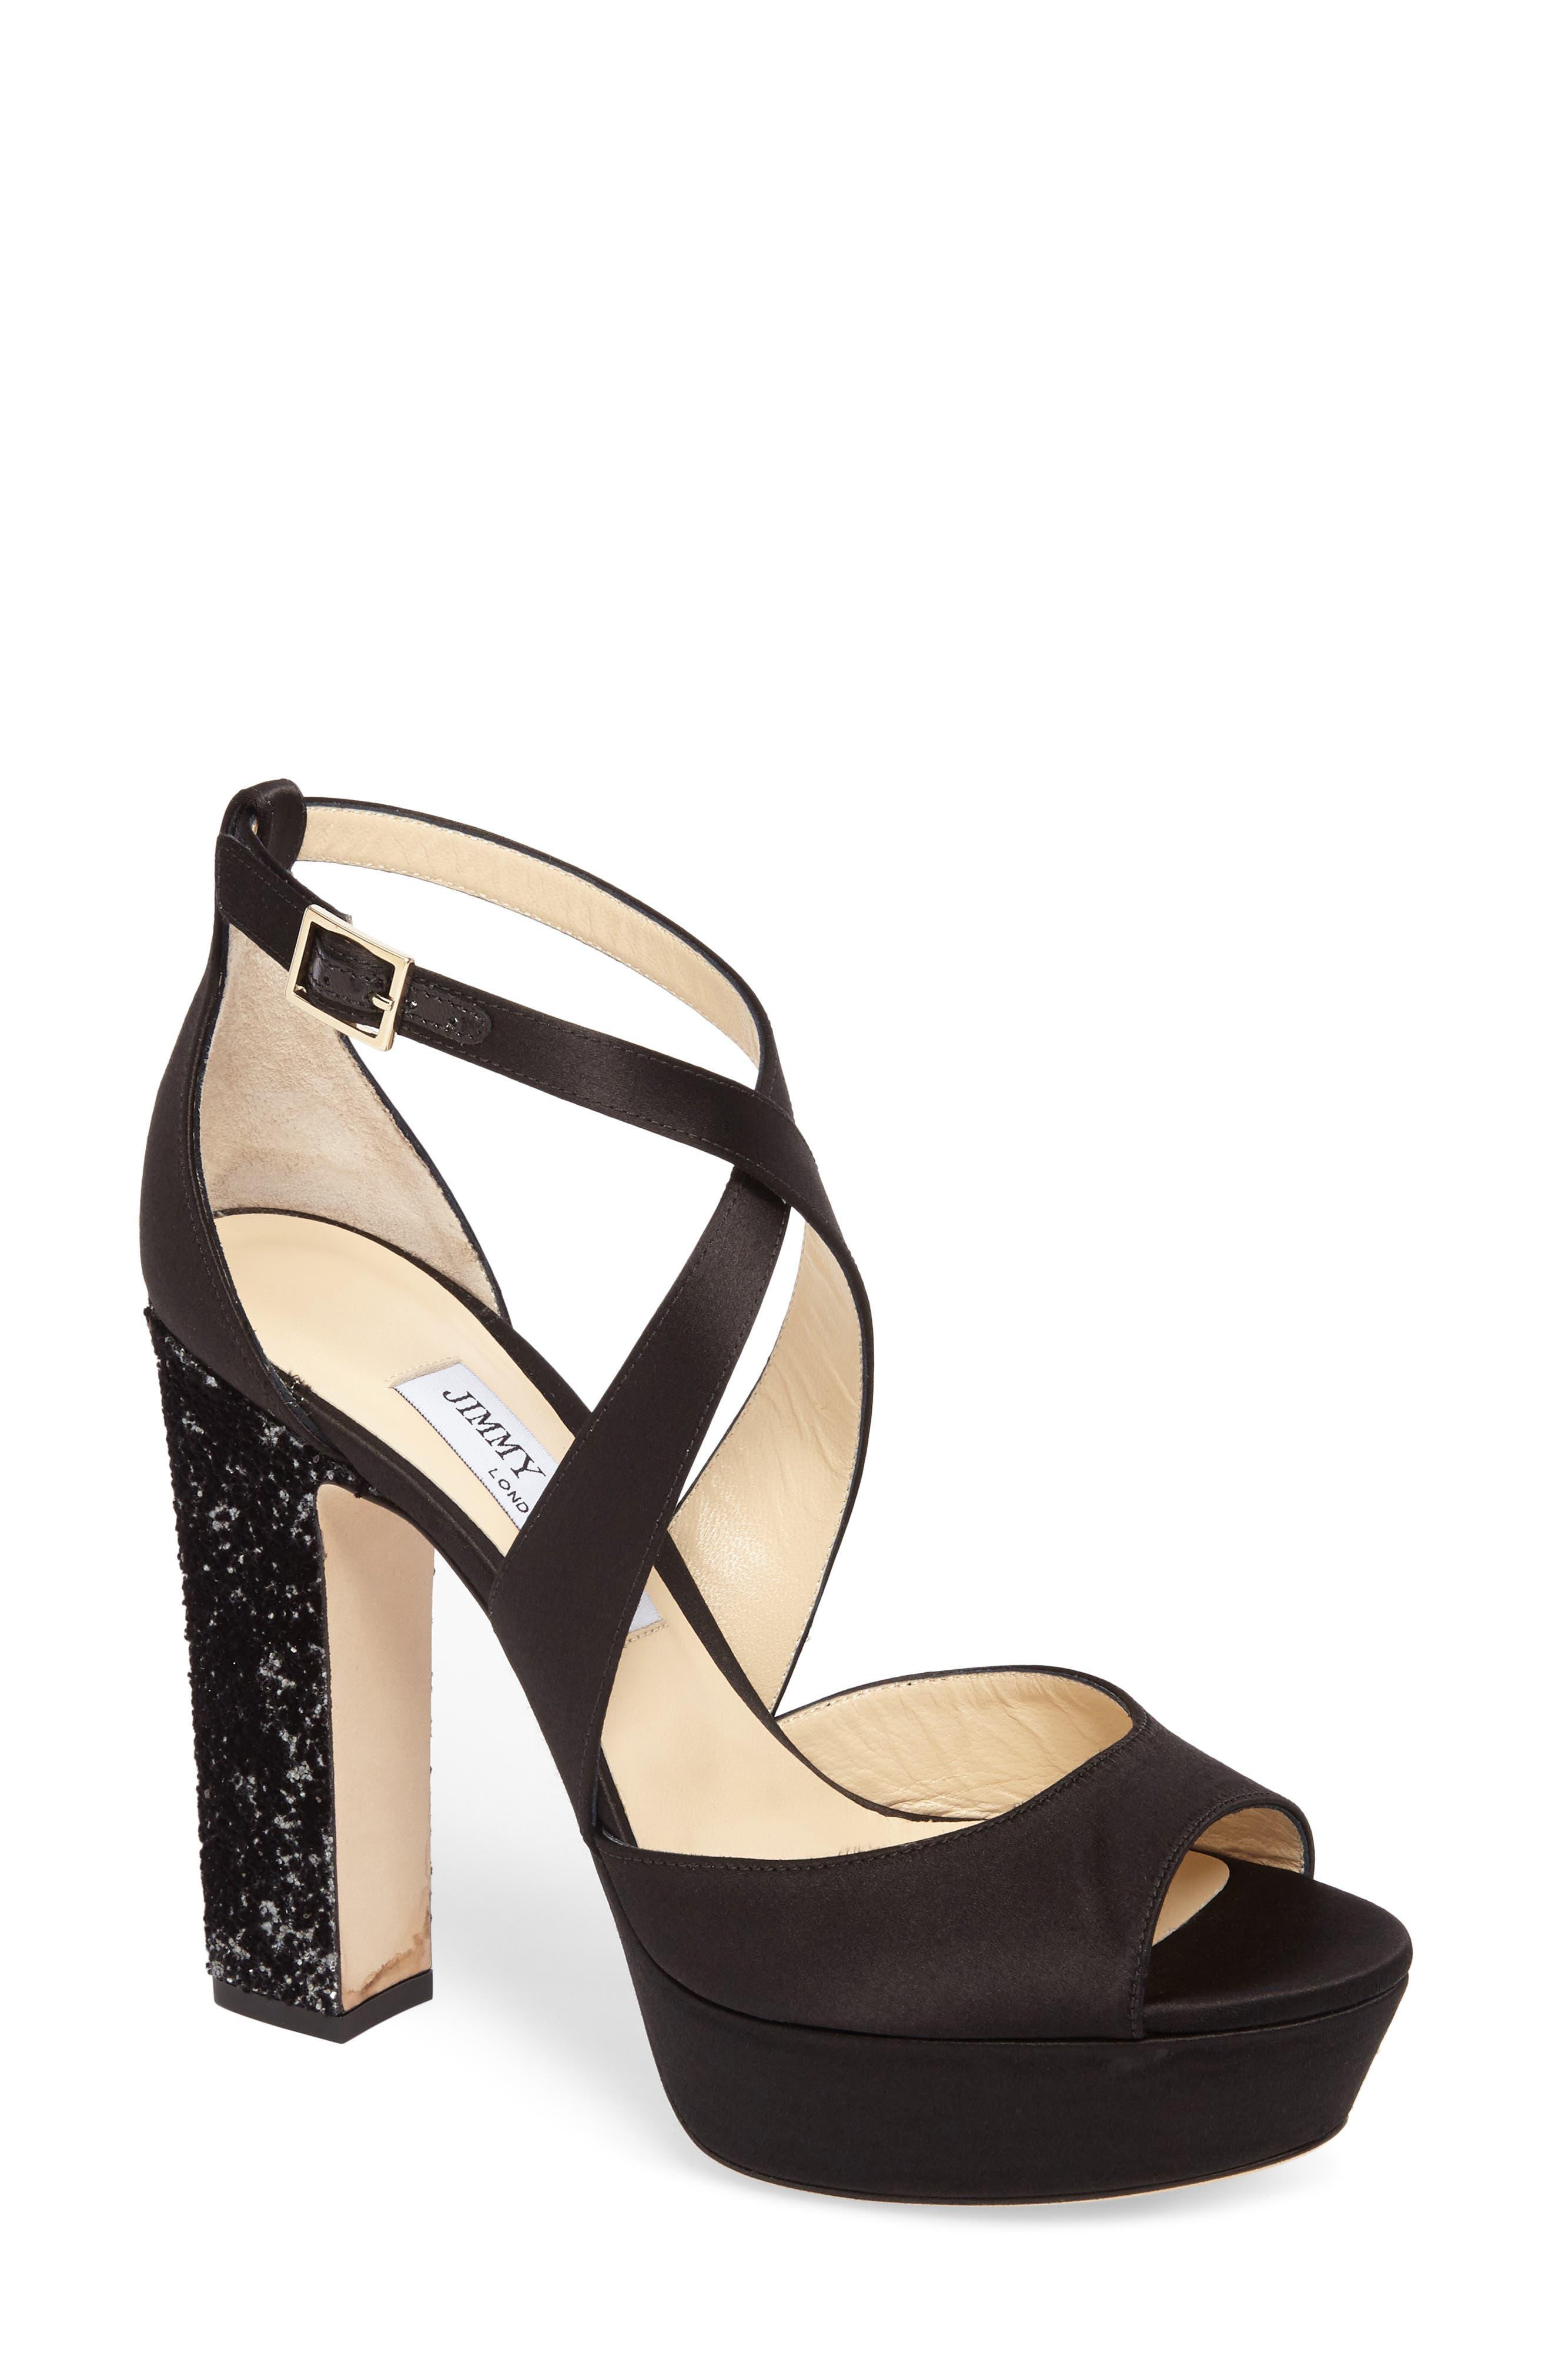 April Platform Sandal,                         Main,                         color, Black/ Anthracite/ Black